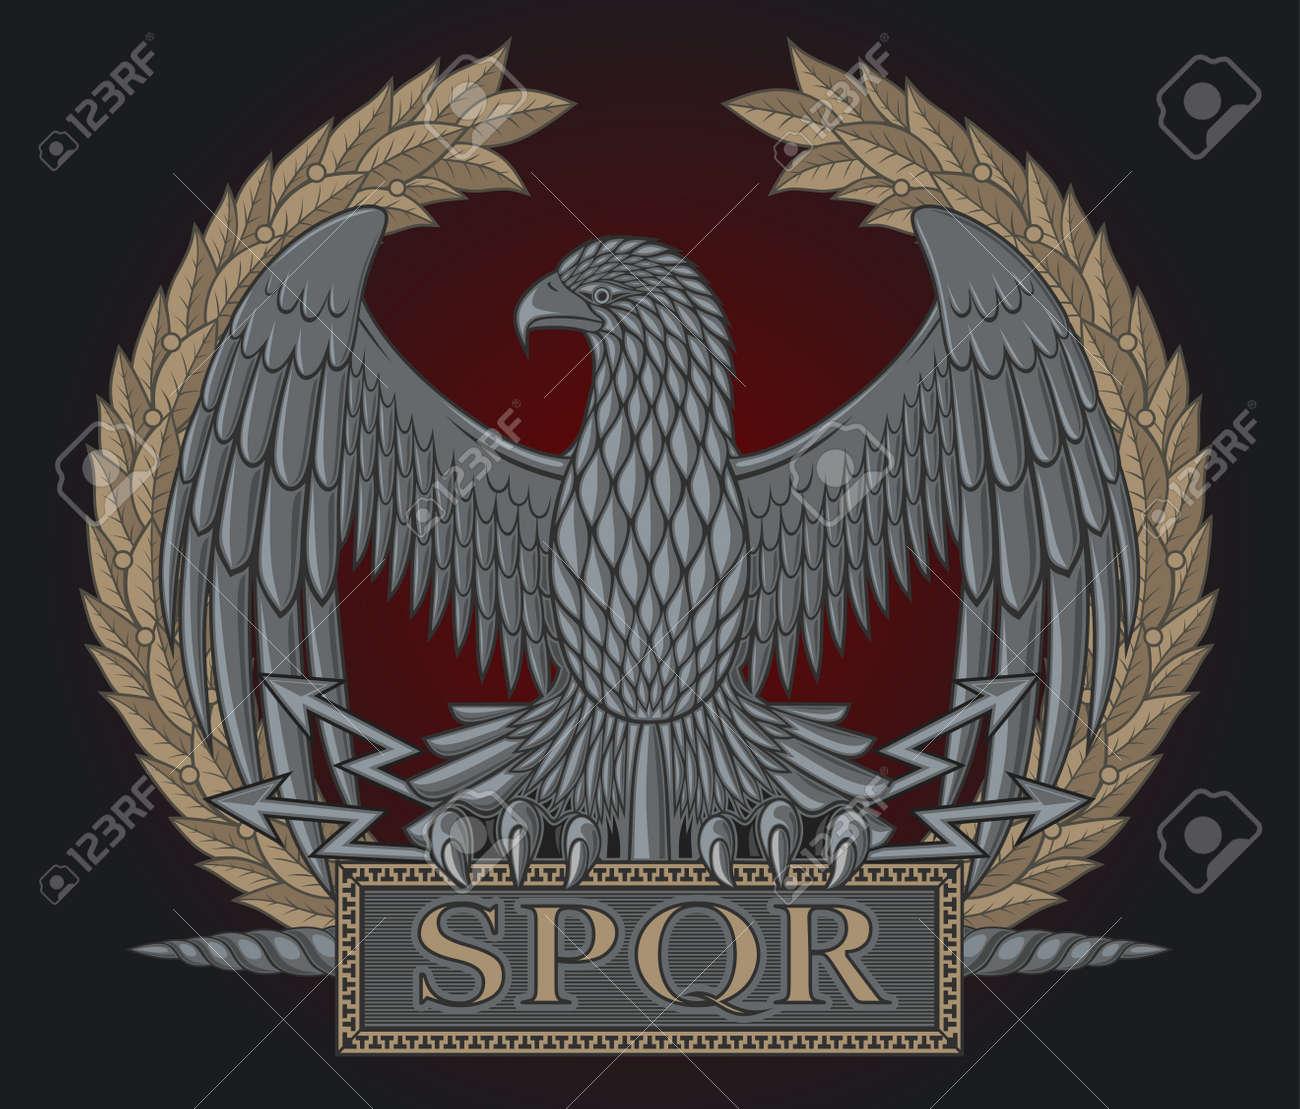 Римский легион векторный клипарт торрент